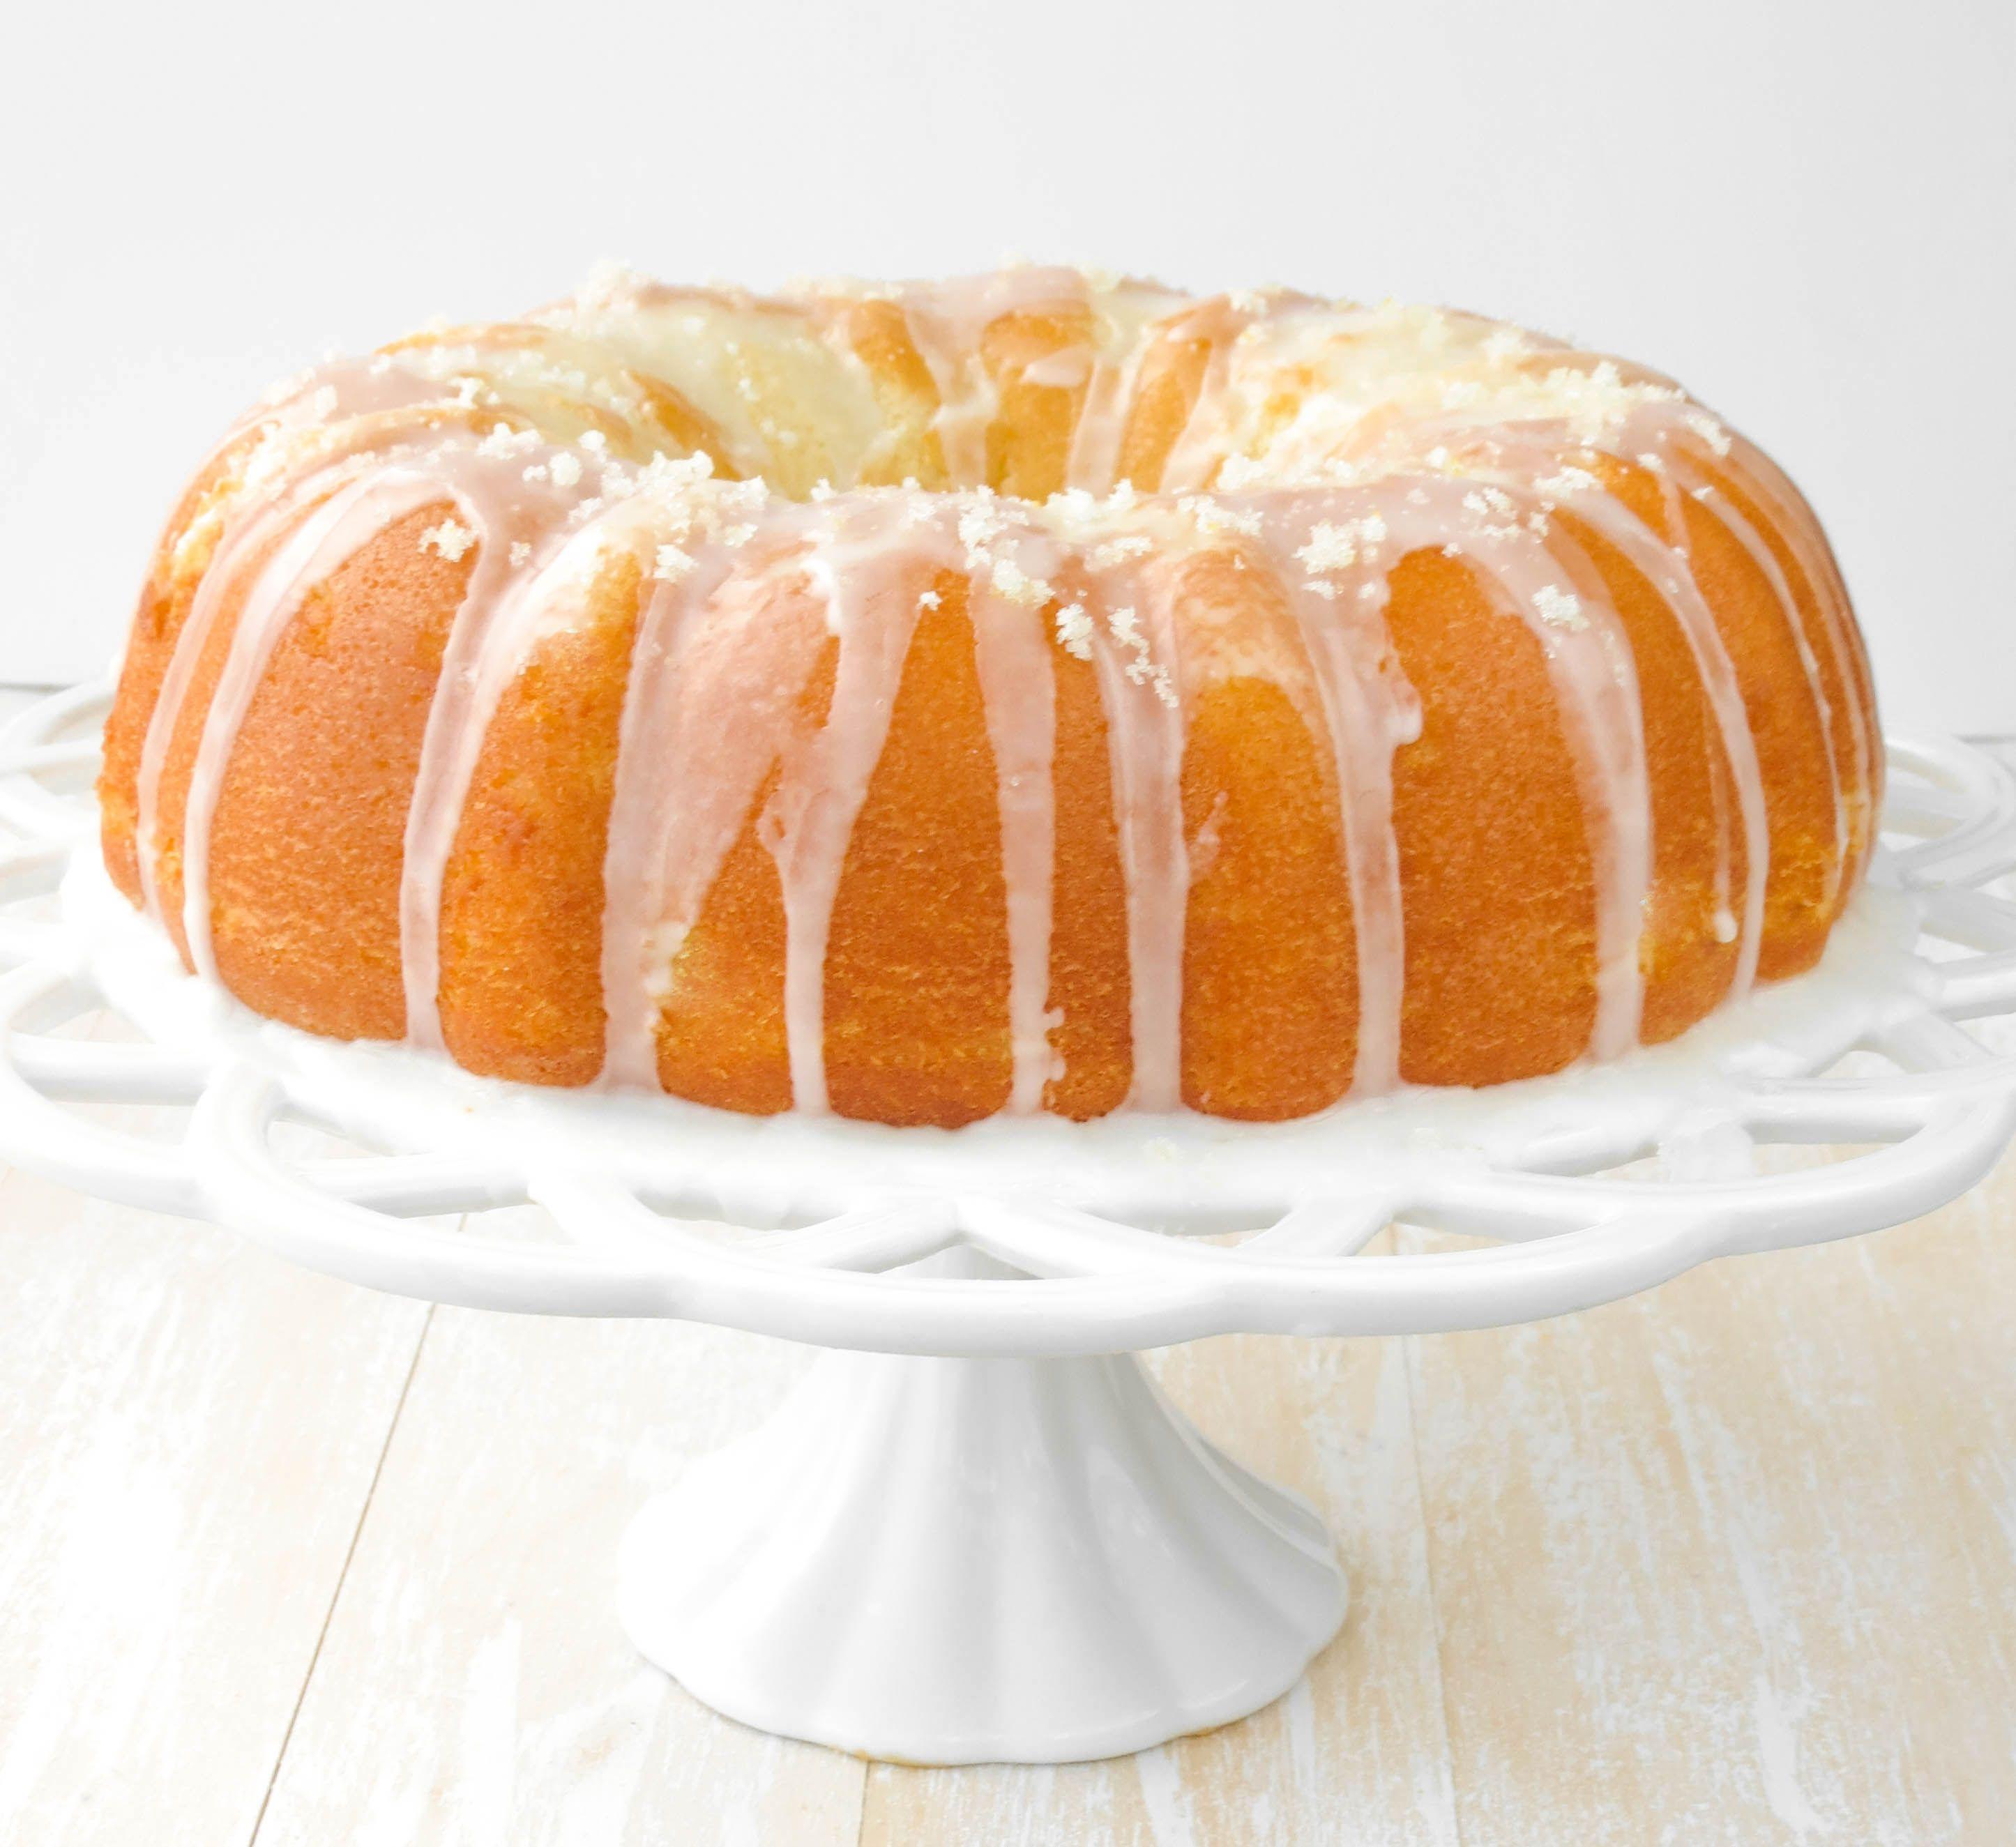 Super Lemon Bundt Cake Recipe Lemon Bundt Cake Lemon And Sprinkles